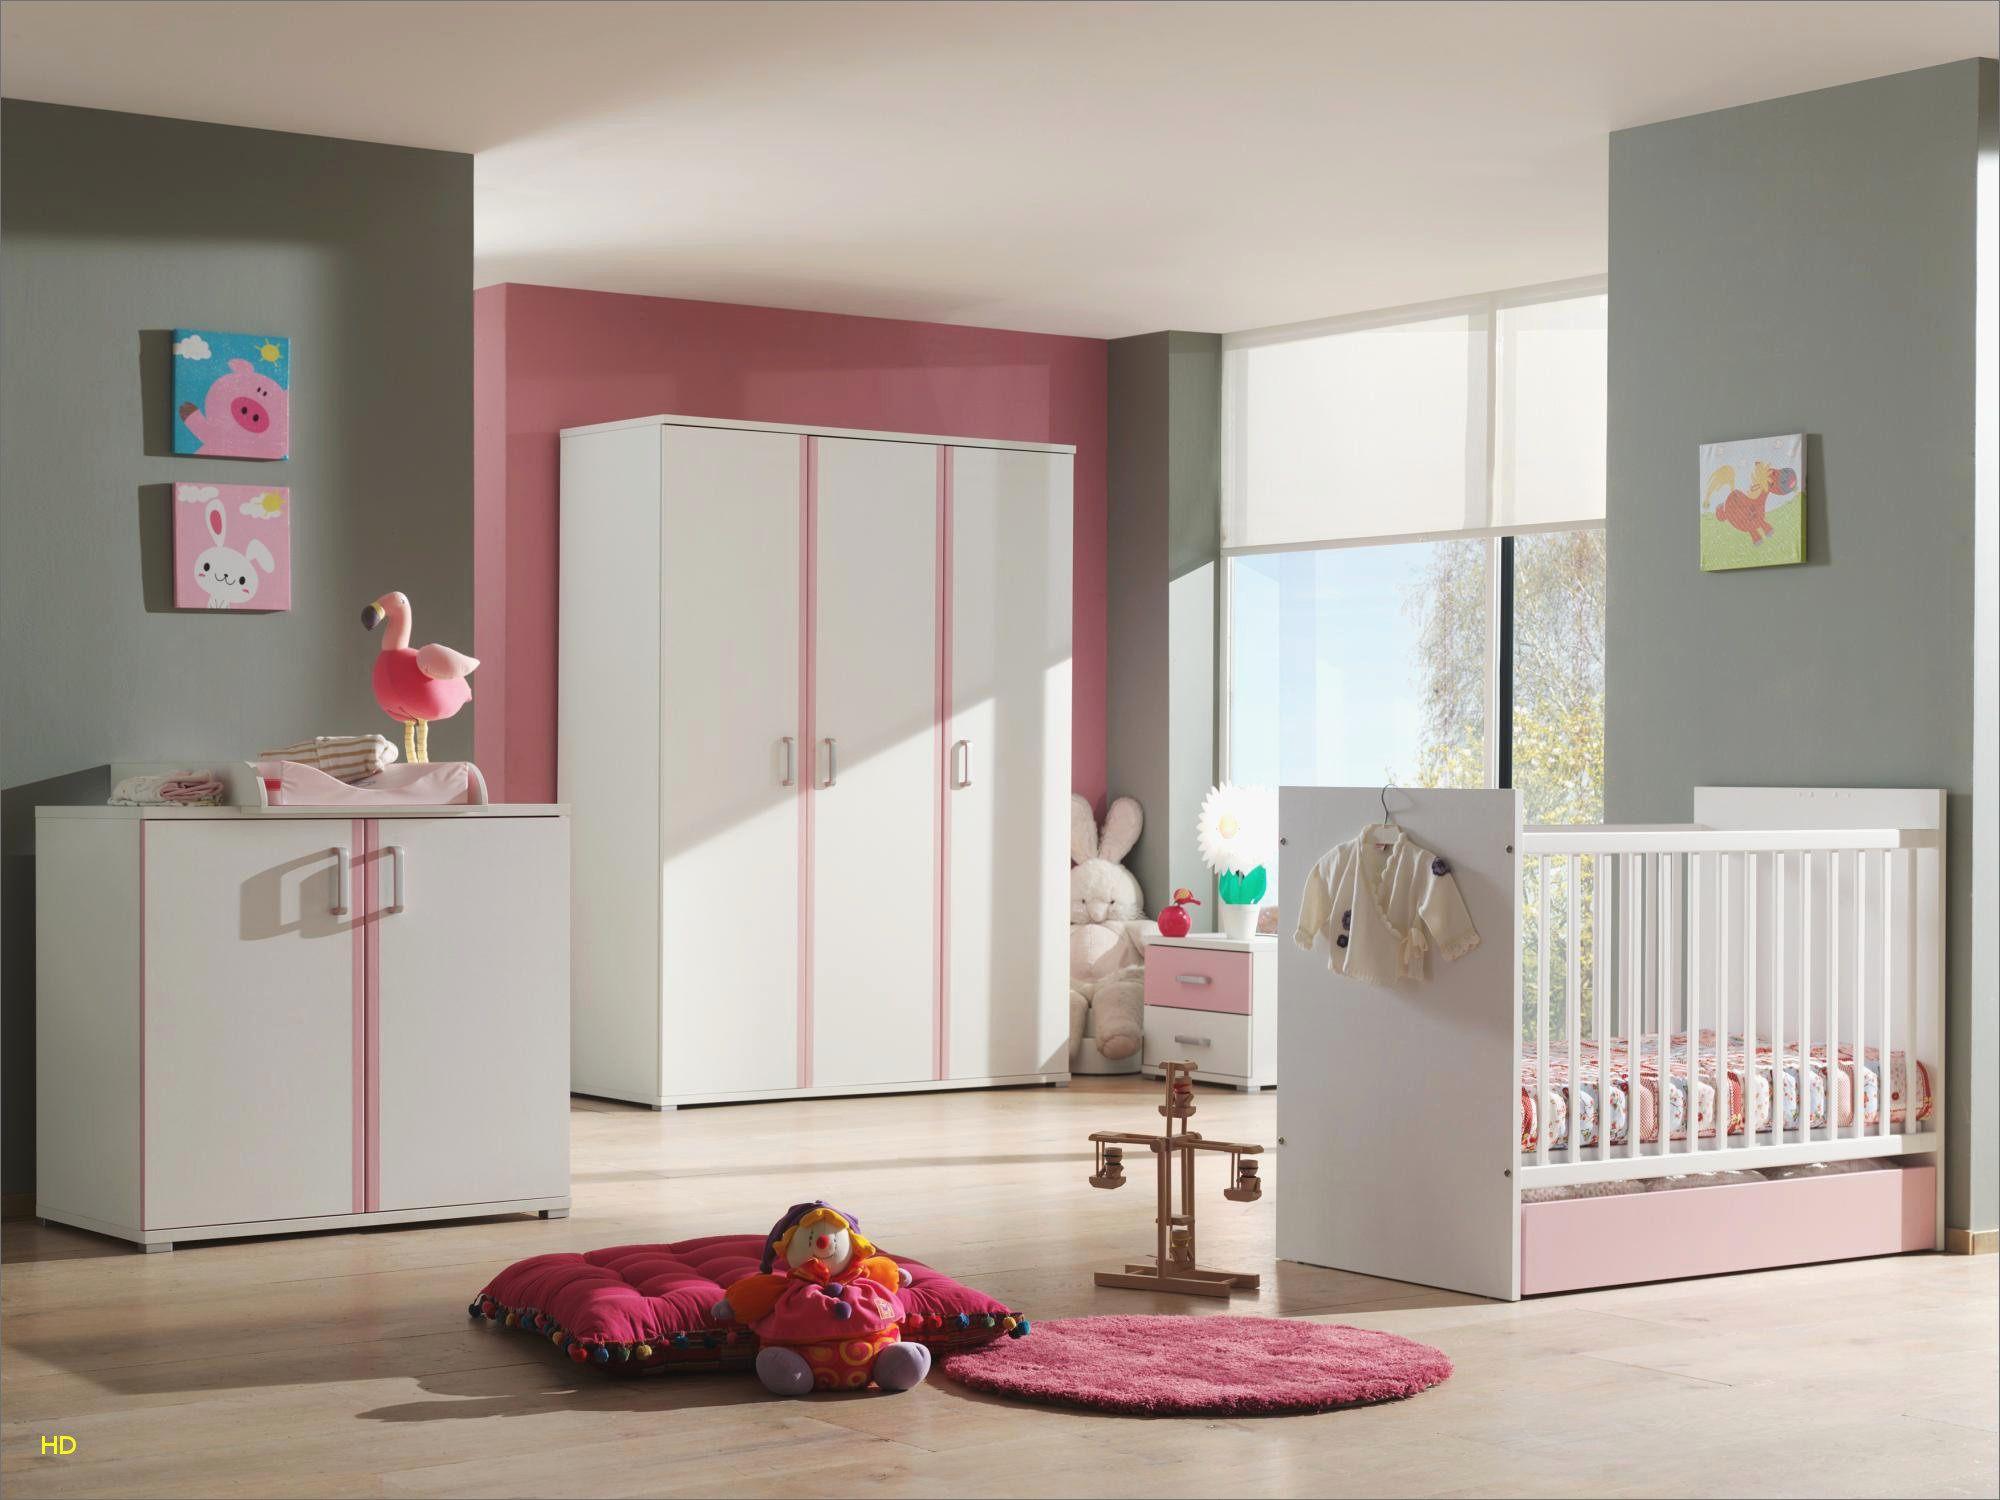 Lit Superposé Armoire Nouveau 32 Luxe De Lit Superposé Pour Bébé